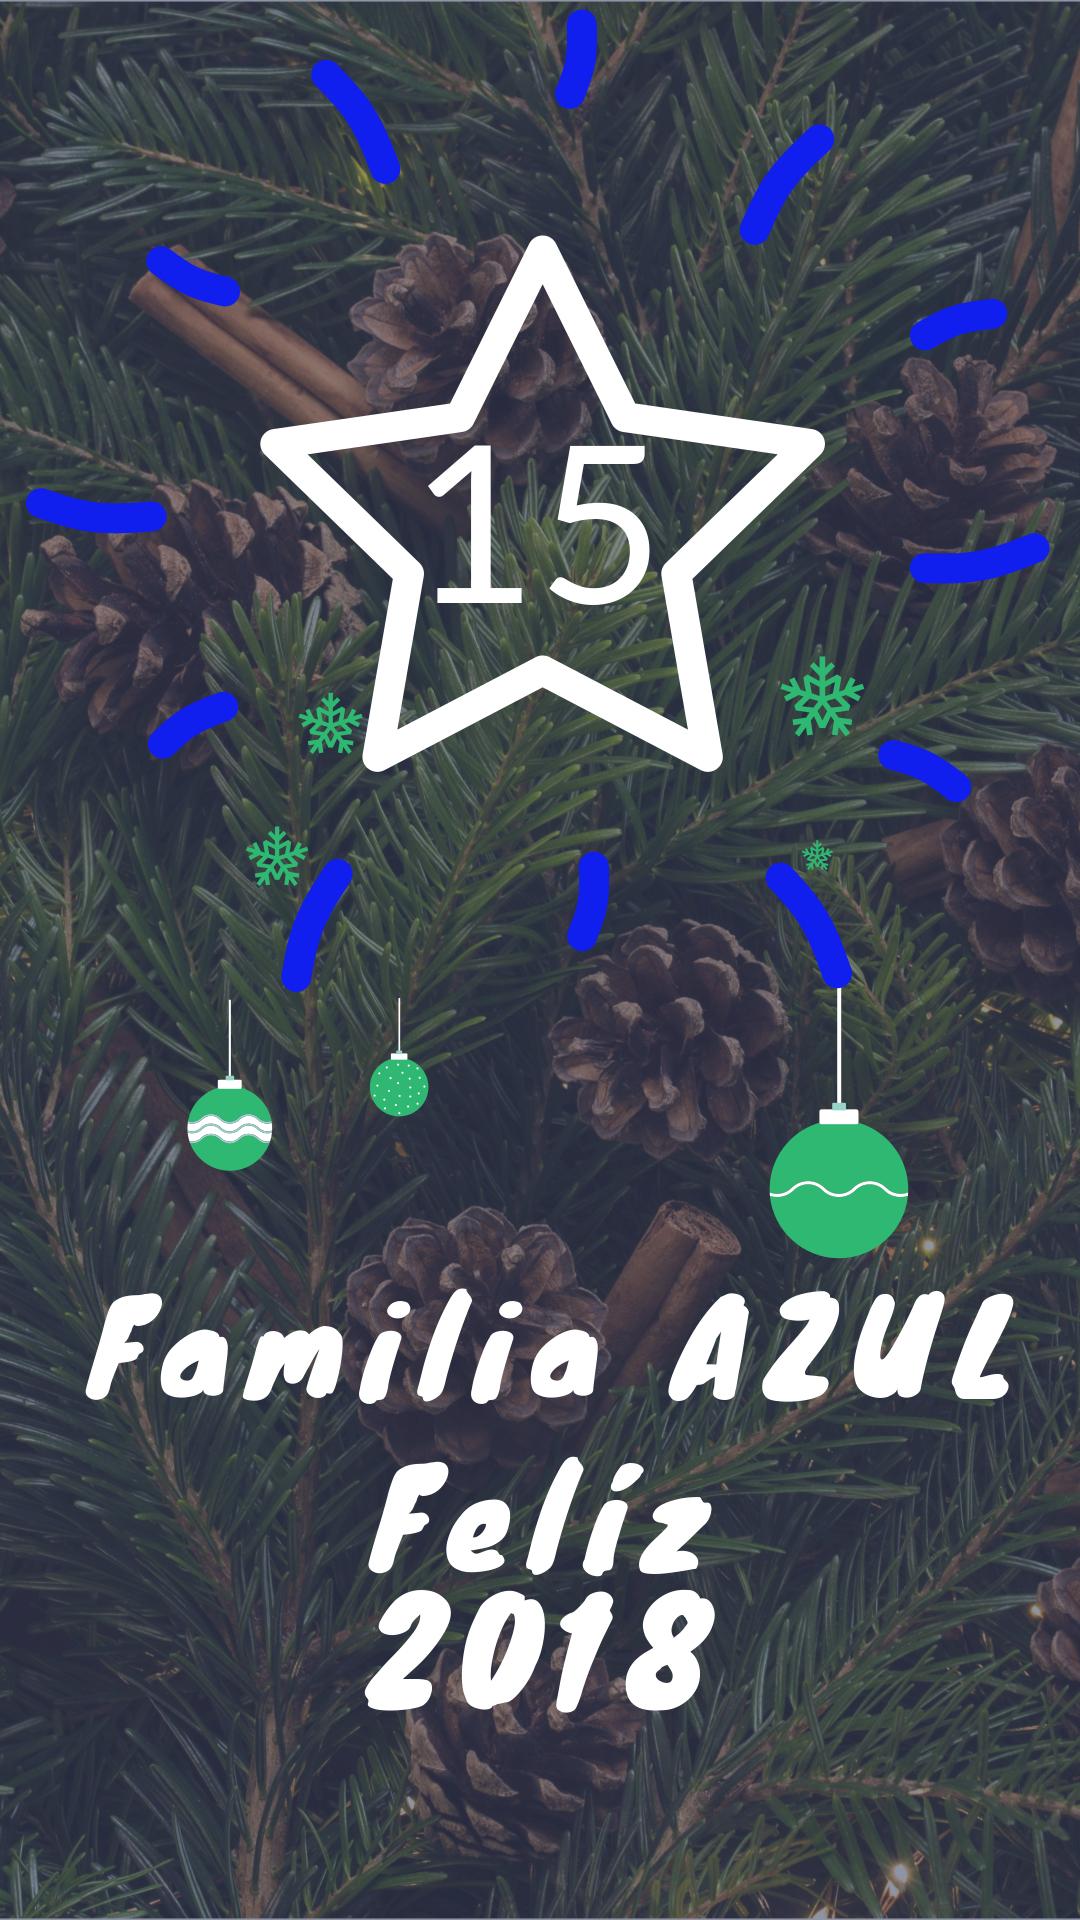 FELÍZ 2018 Familia AZUL!!!